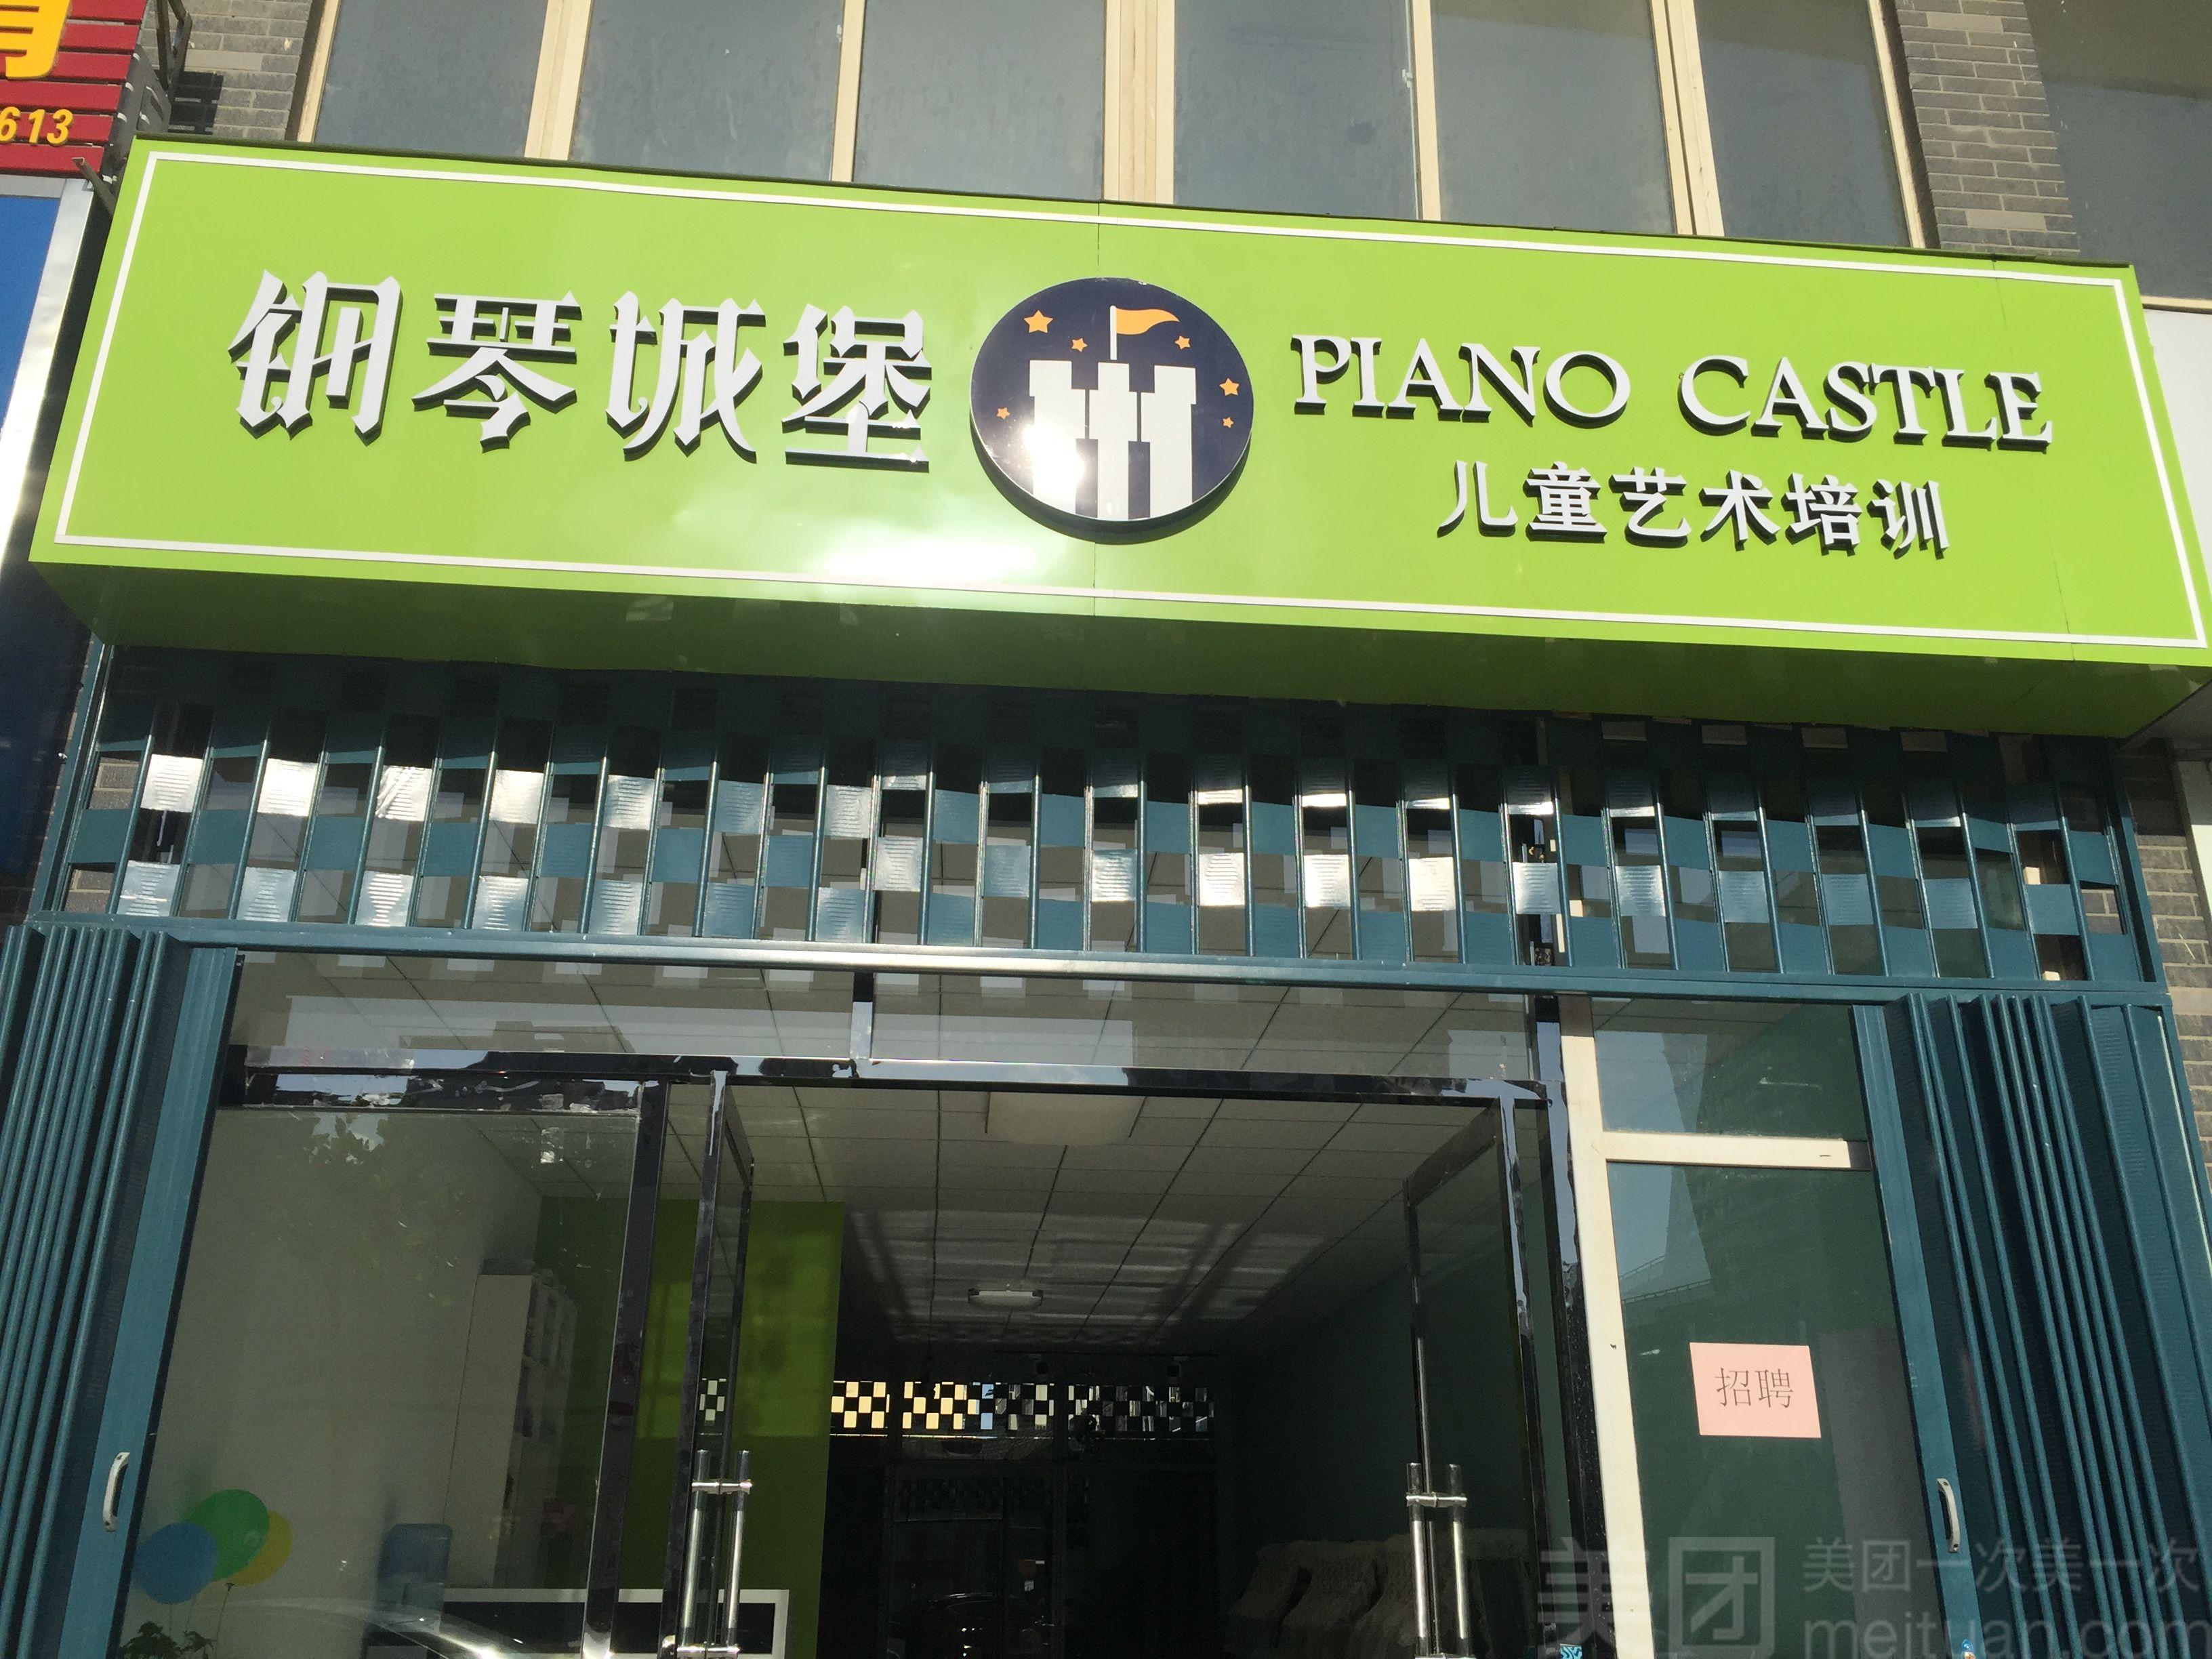 钢琴店面手绘效果图